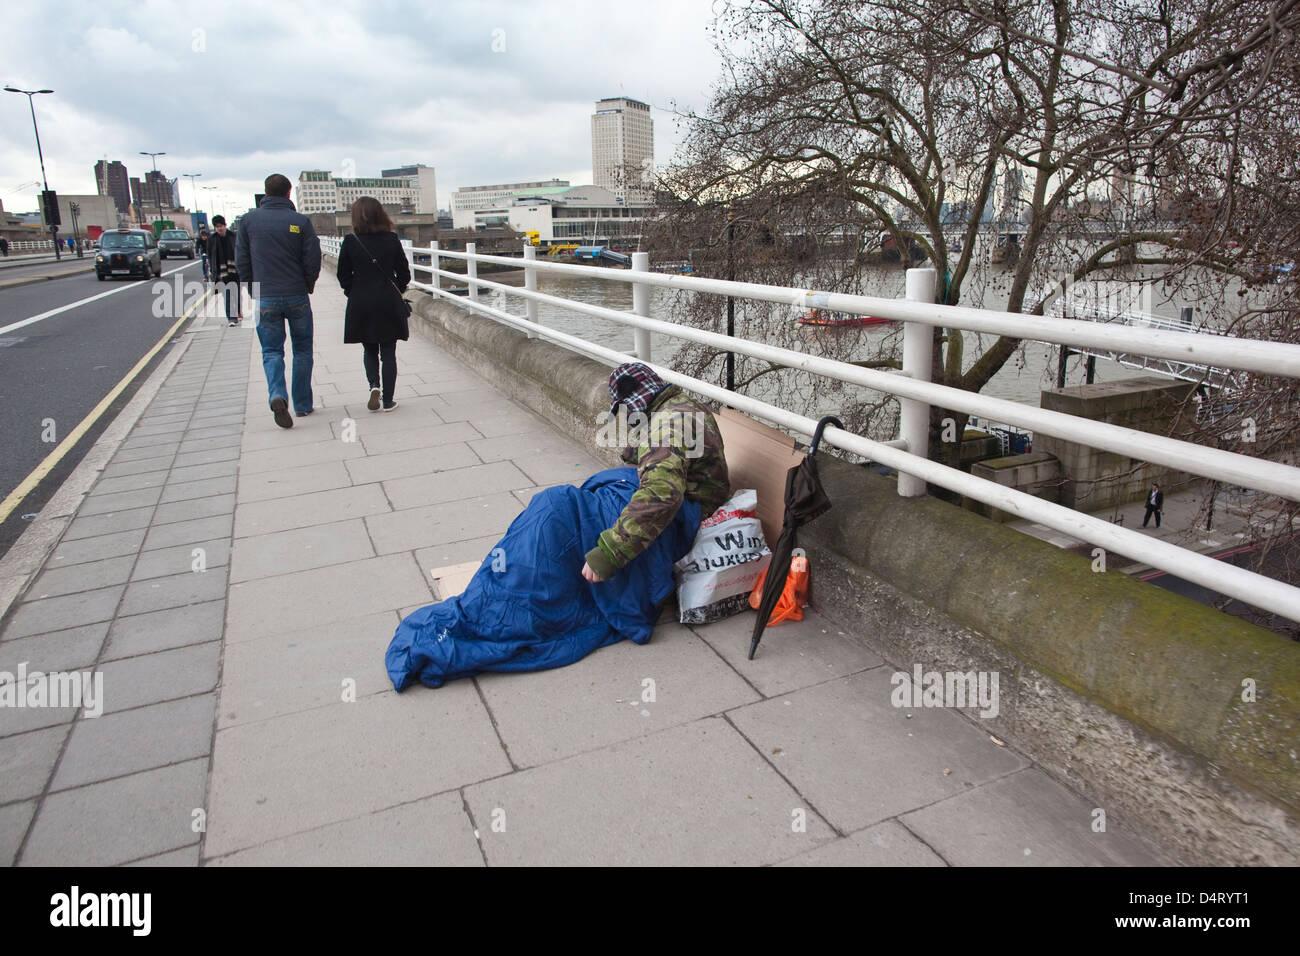 Hombre sin hogar en Waterloo Bridge, en el centro de Londres, Inglaterra, Reino Unido. Imagen De Stock